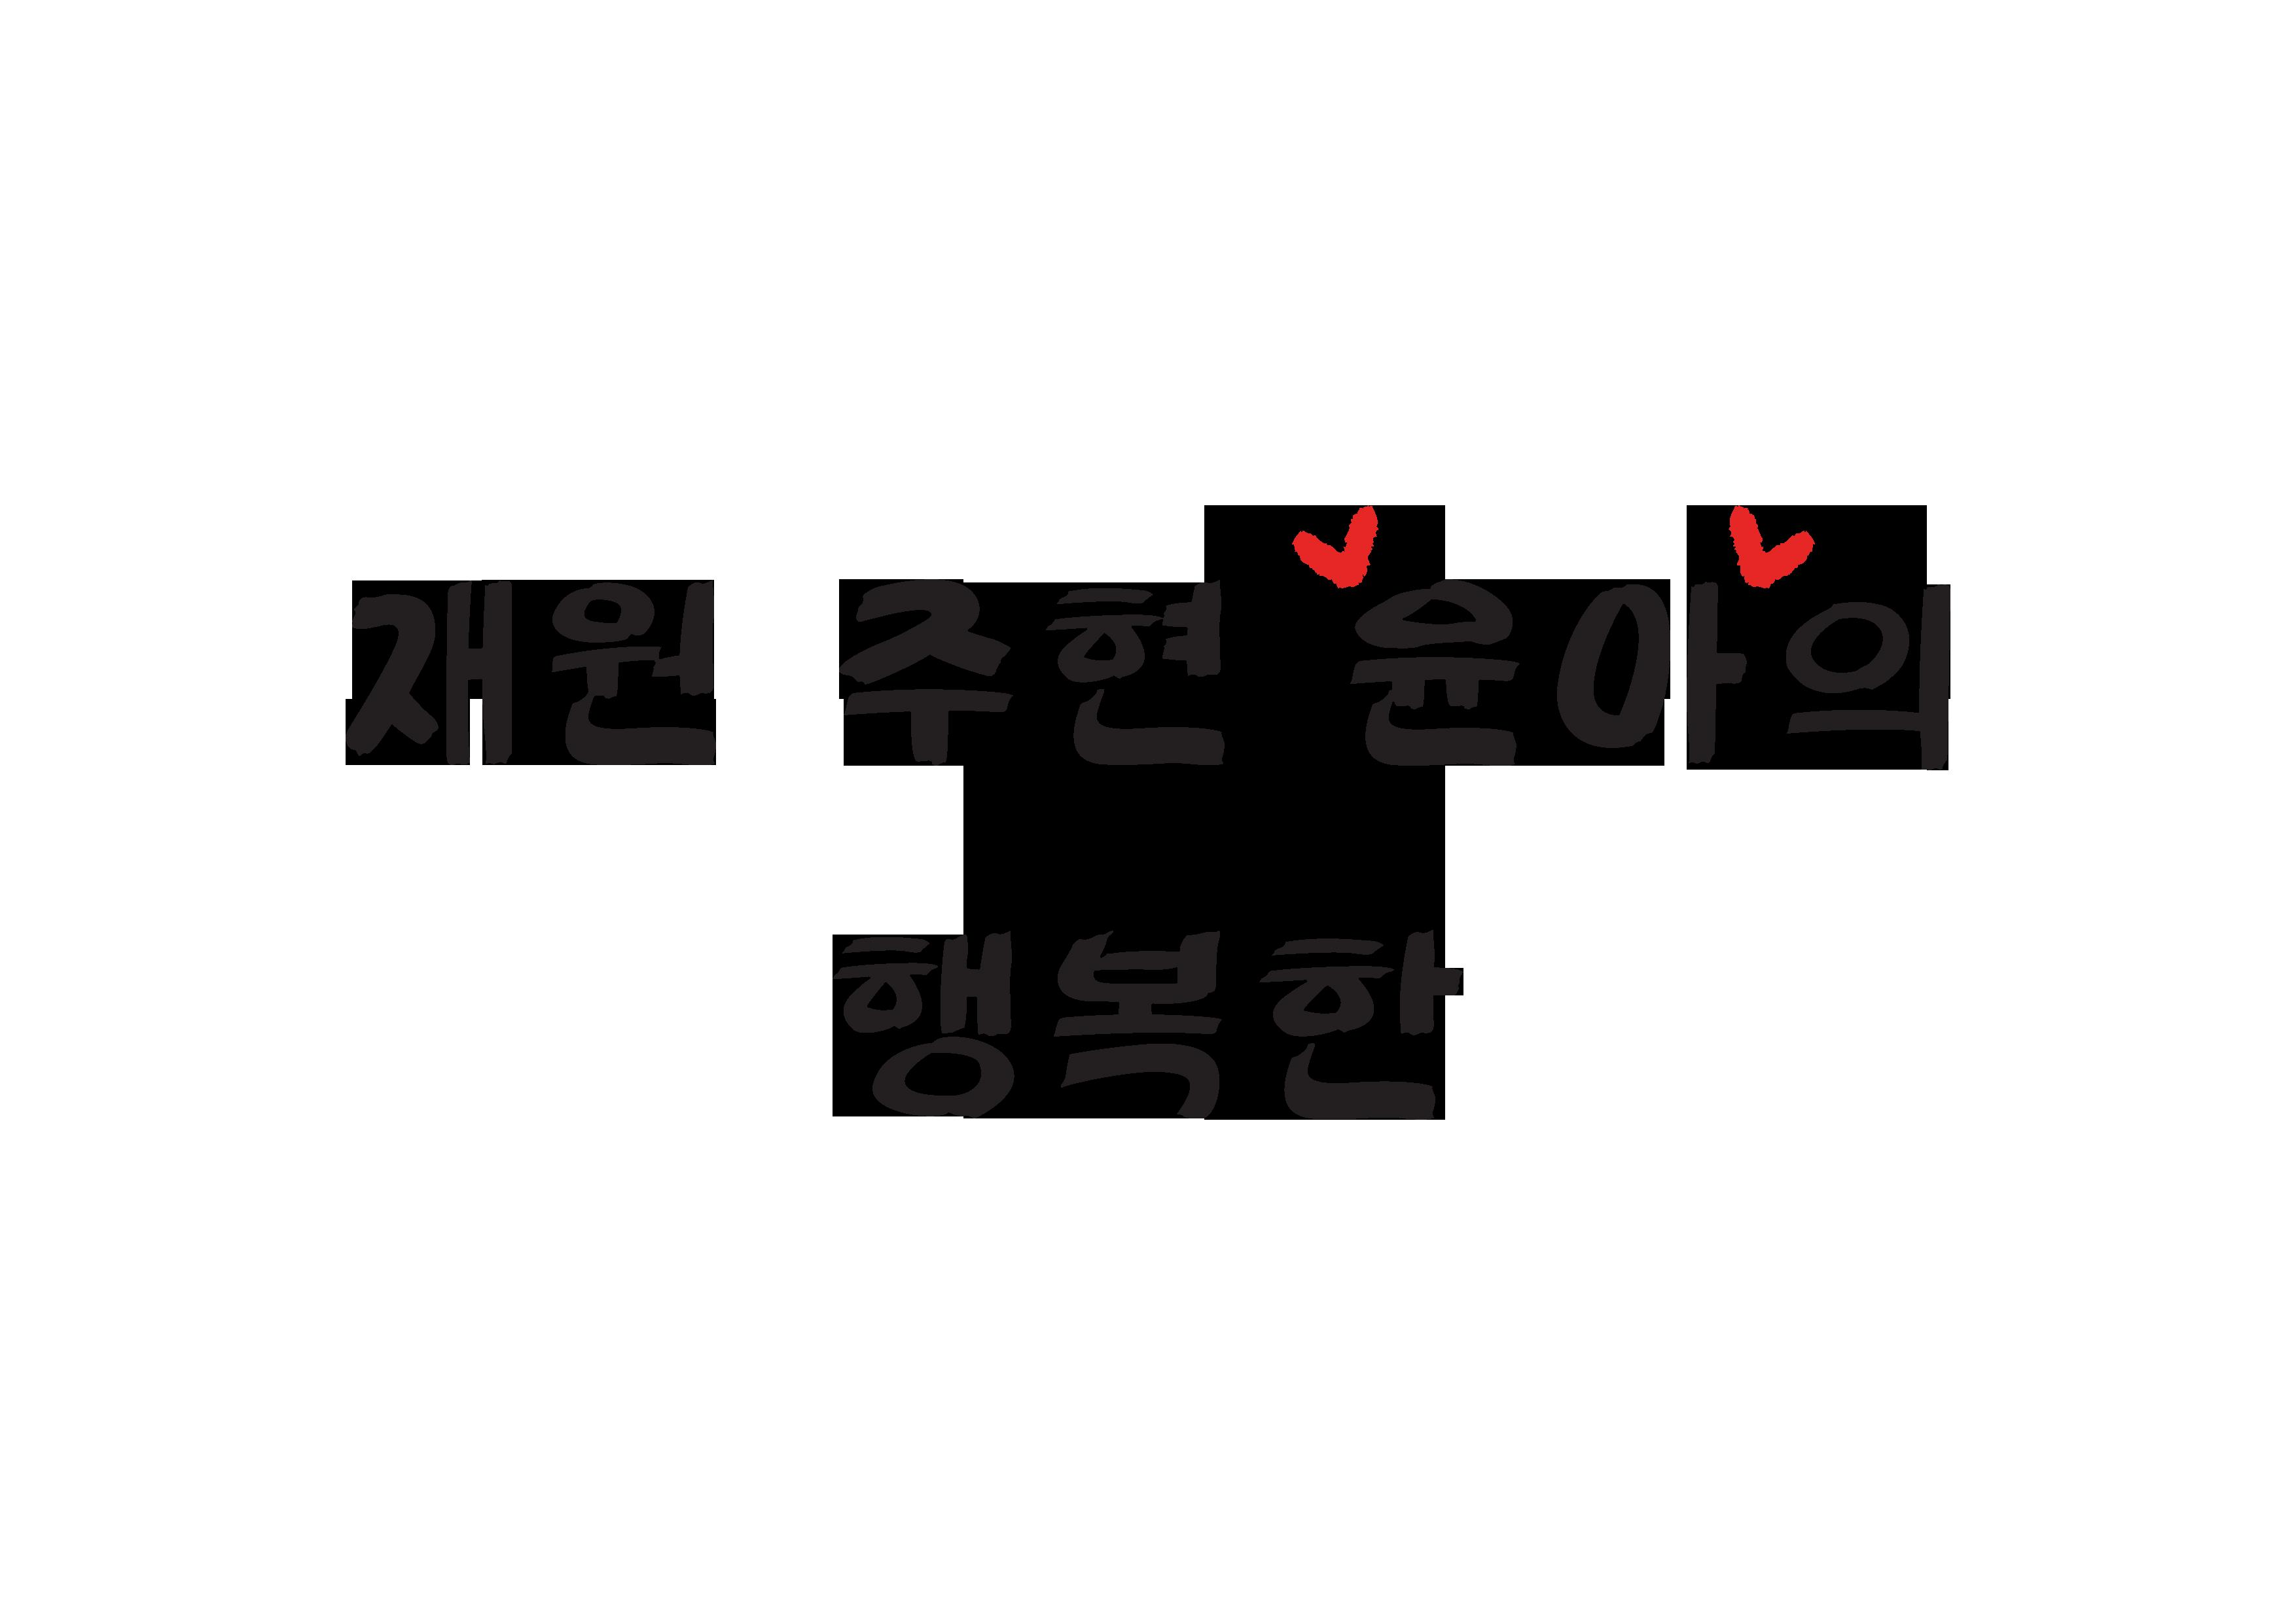 재원 주현 윤아의 행복한